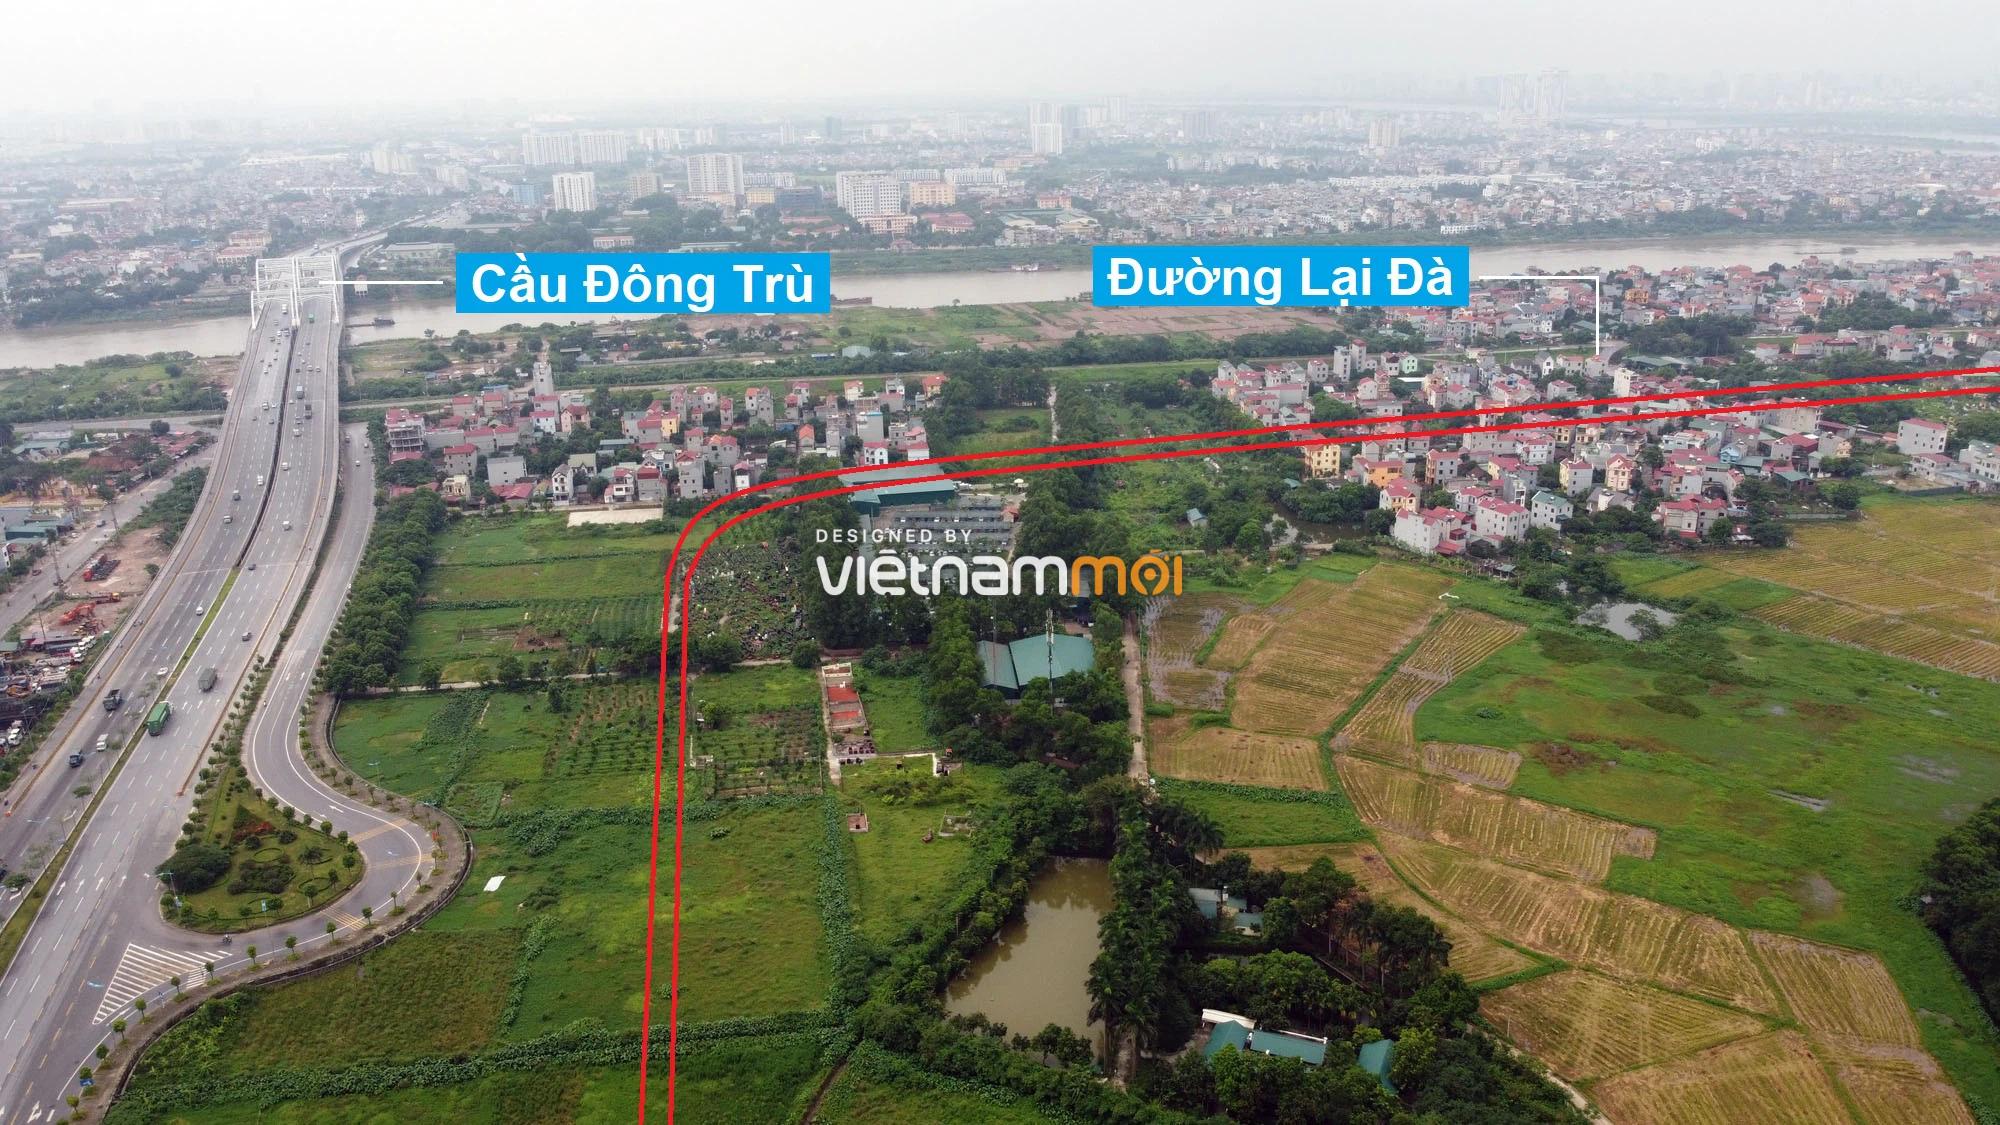 Đường sẽ mở theo quy hoạch ở xã Đông Hội, Đông Anh, Hà Nội (phần 3) - Ảnh 5.